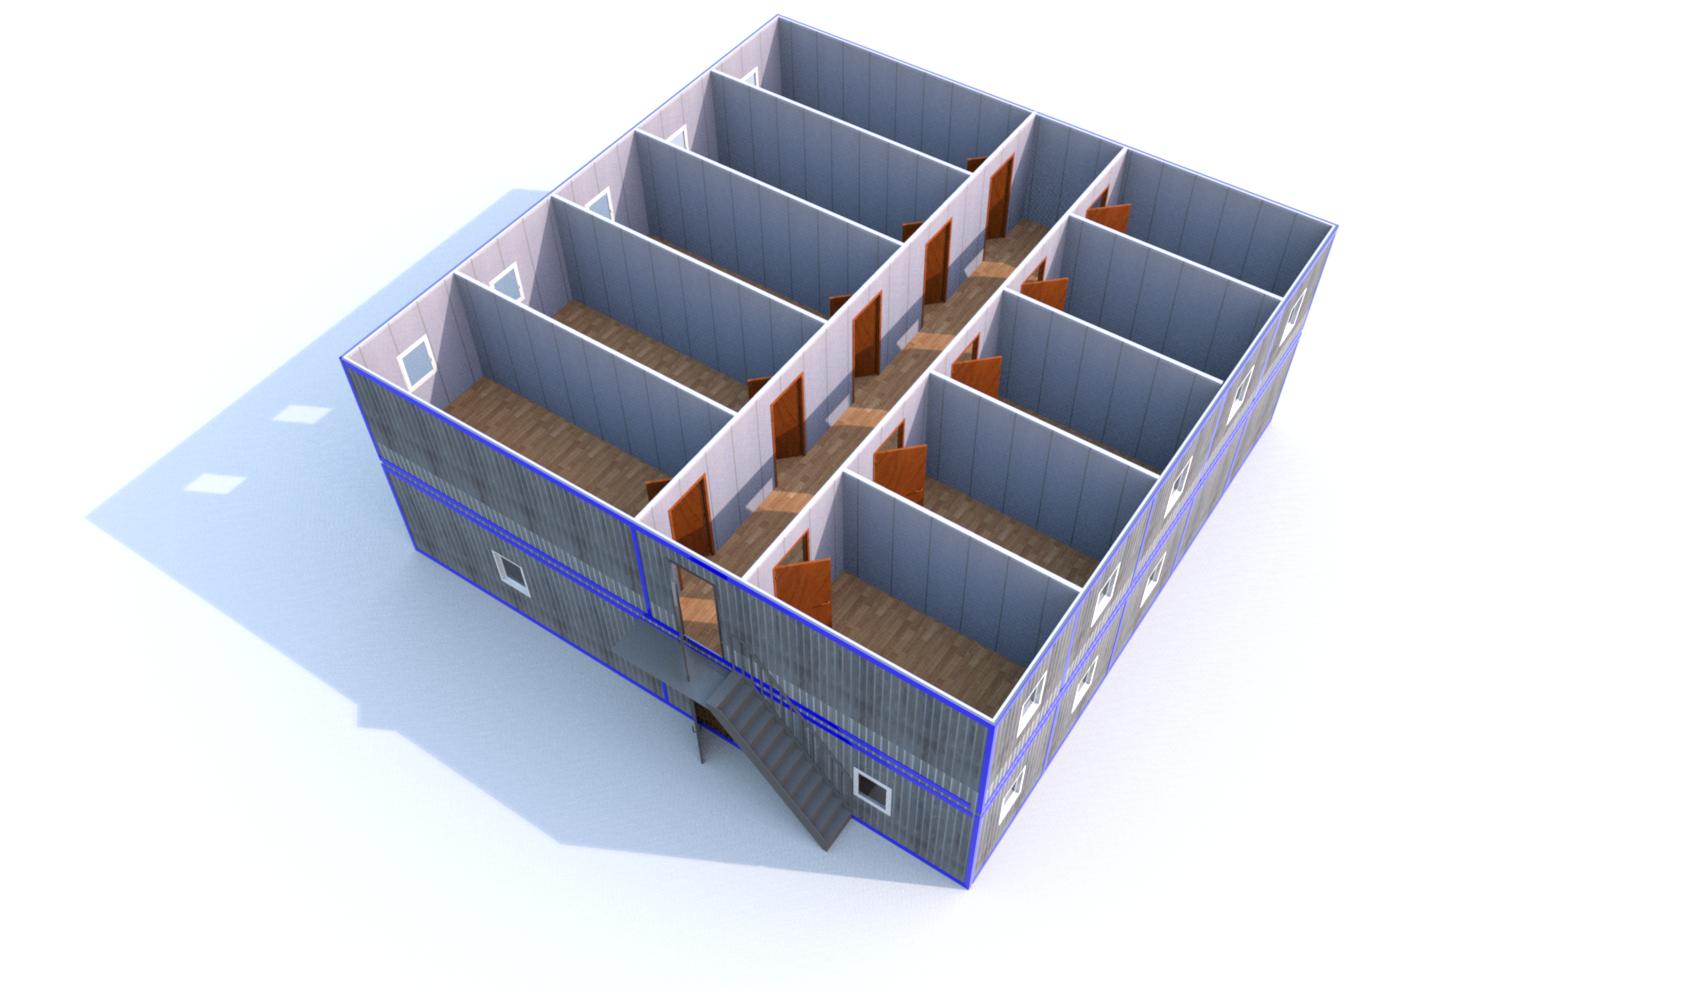 Блок-Модуль (Д.,Ш.,В.) 12,0*12,0*5,0м., состоящий из 10 блок-контейнеров 12,0*2,4*2,5м